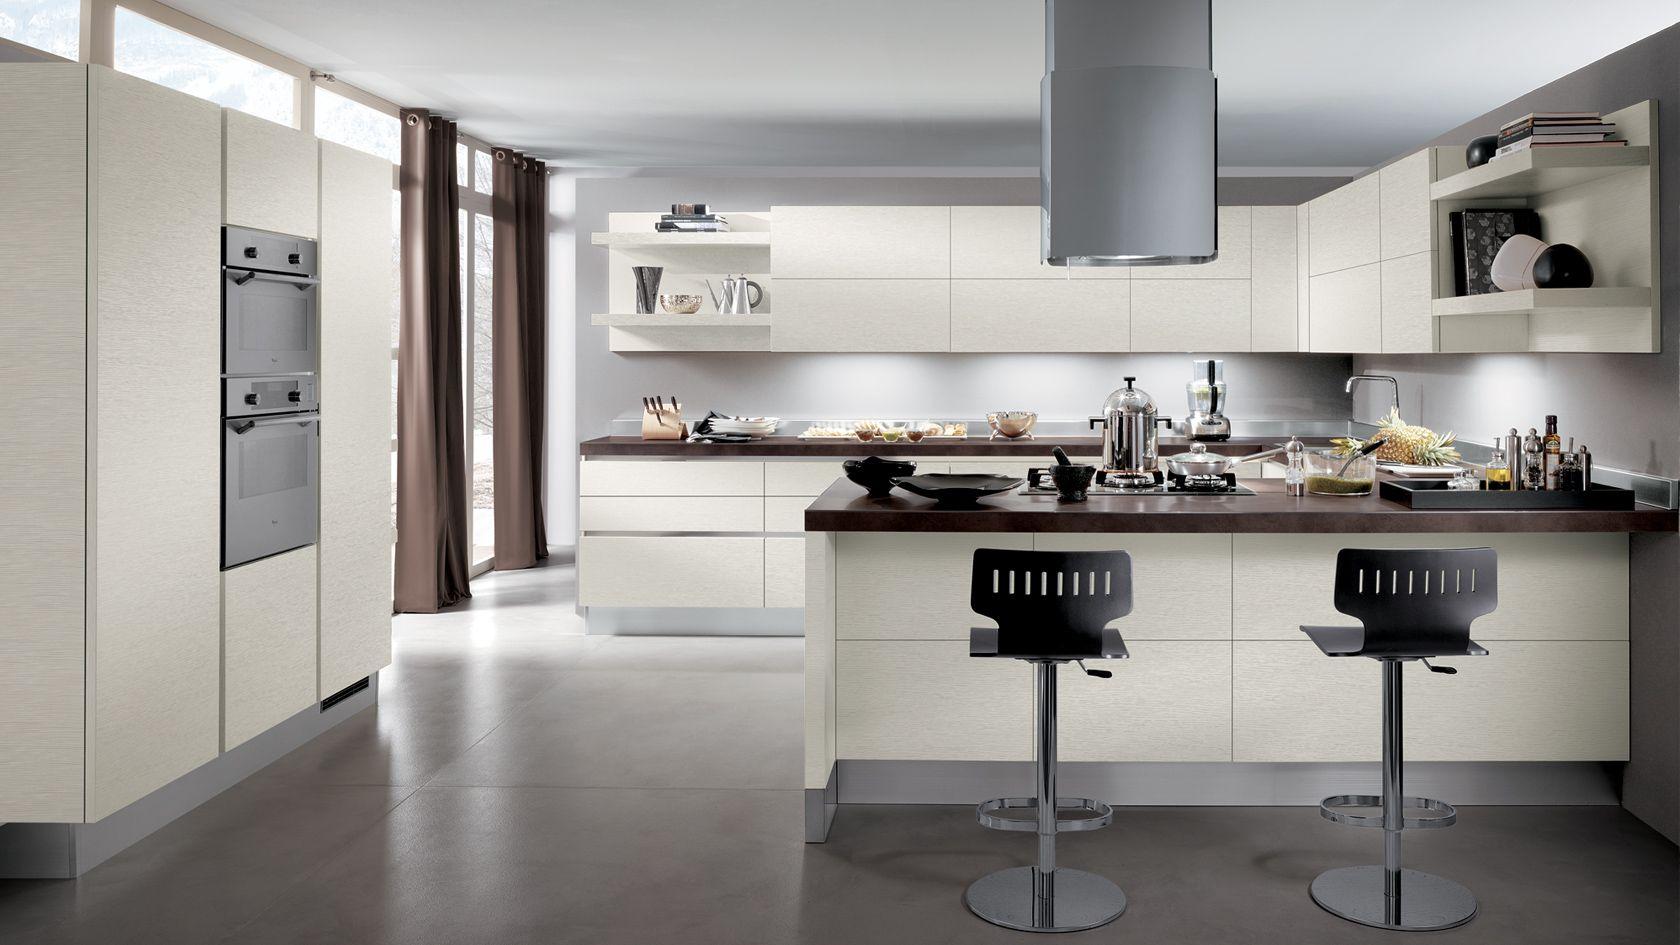 Cucina contemporanea Scenery | Sito ufficiale Scavolini | Una ...